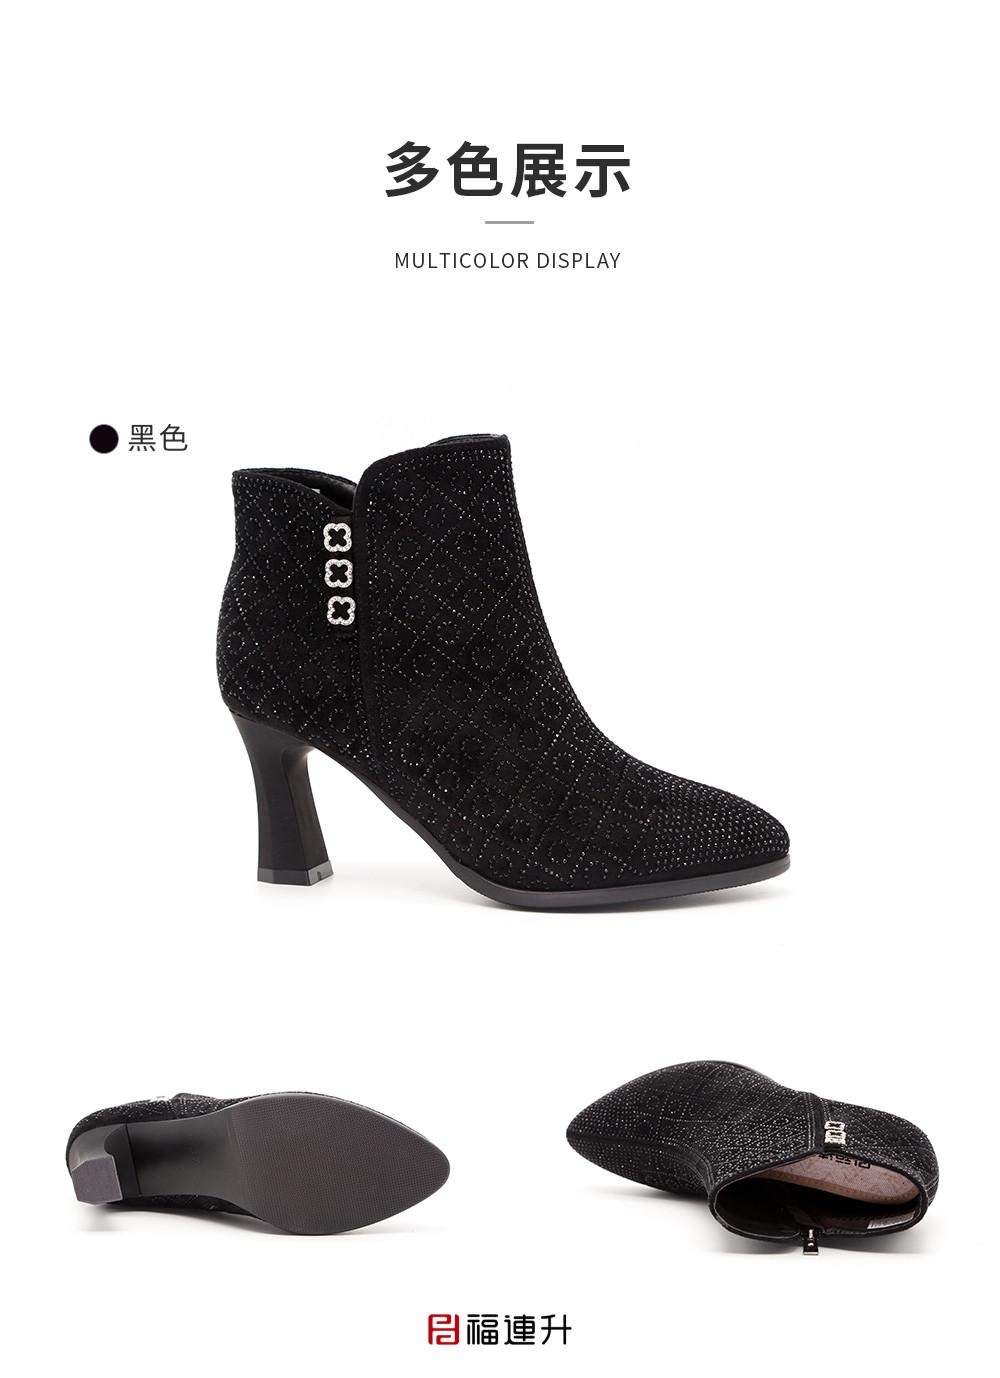 福连升时尚单靴高跟鞋女水钻棉麻舒适短靴女靴图片